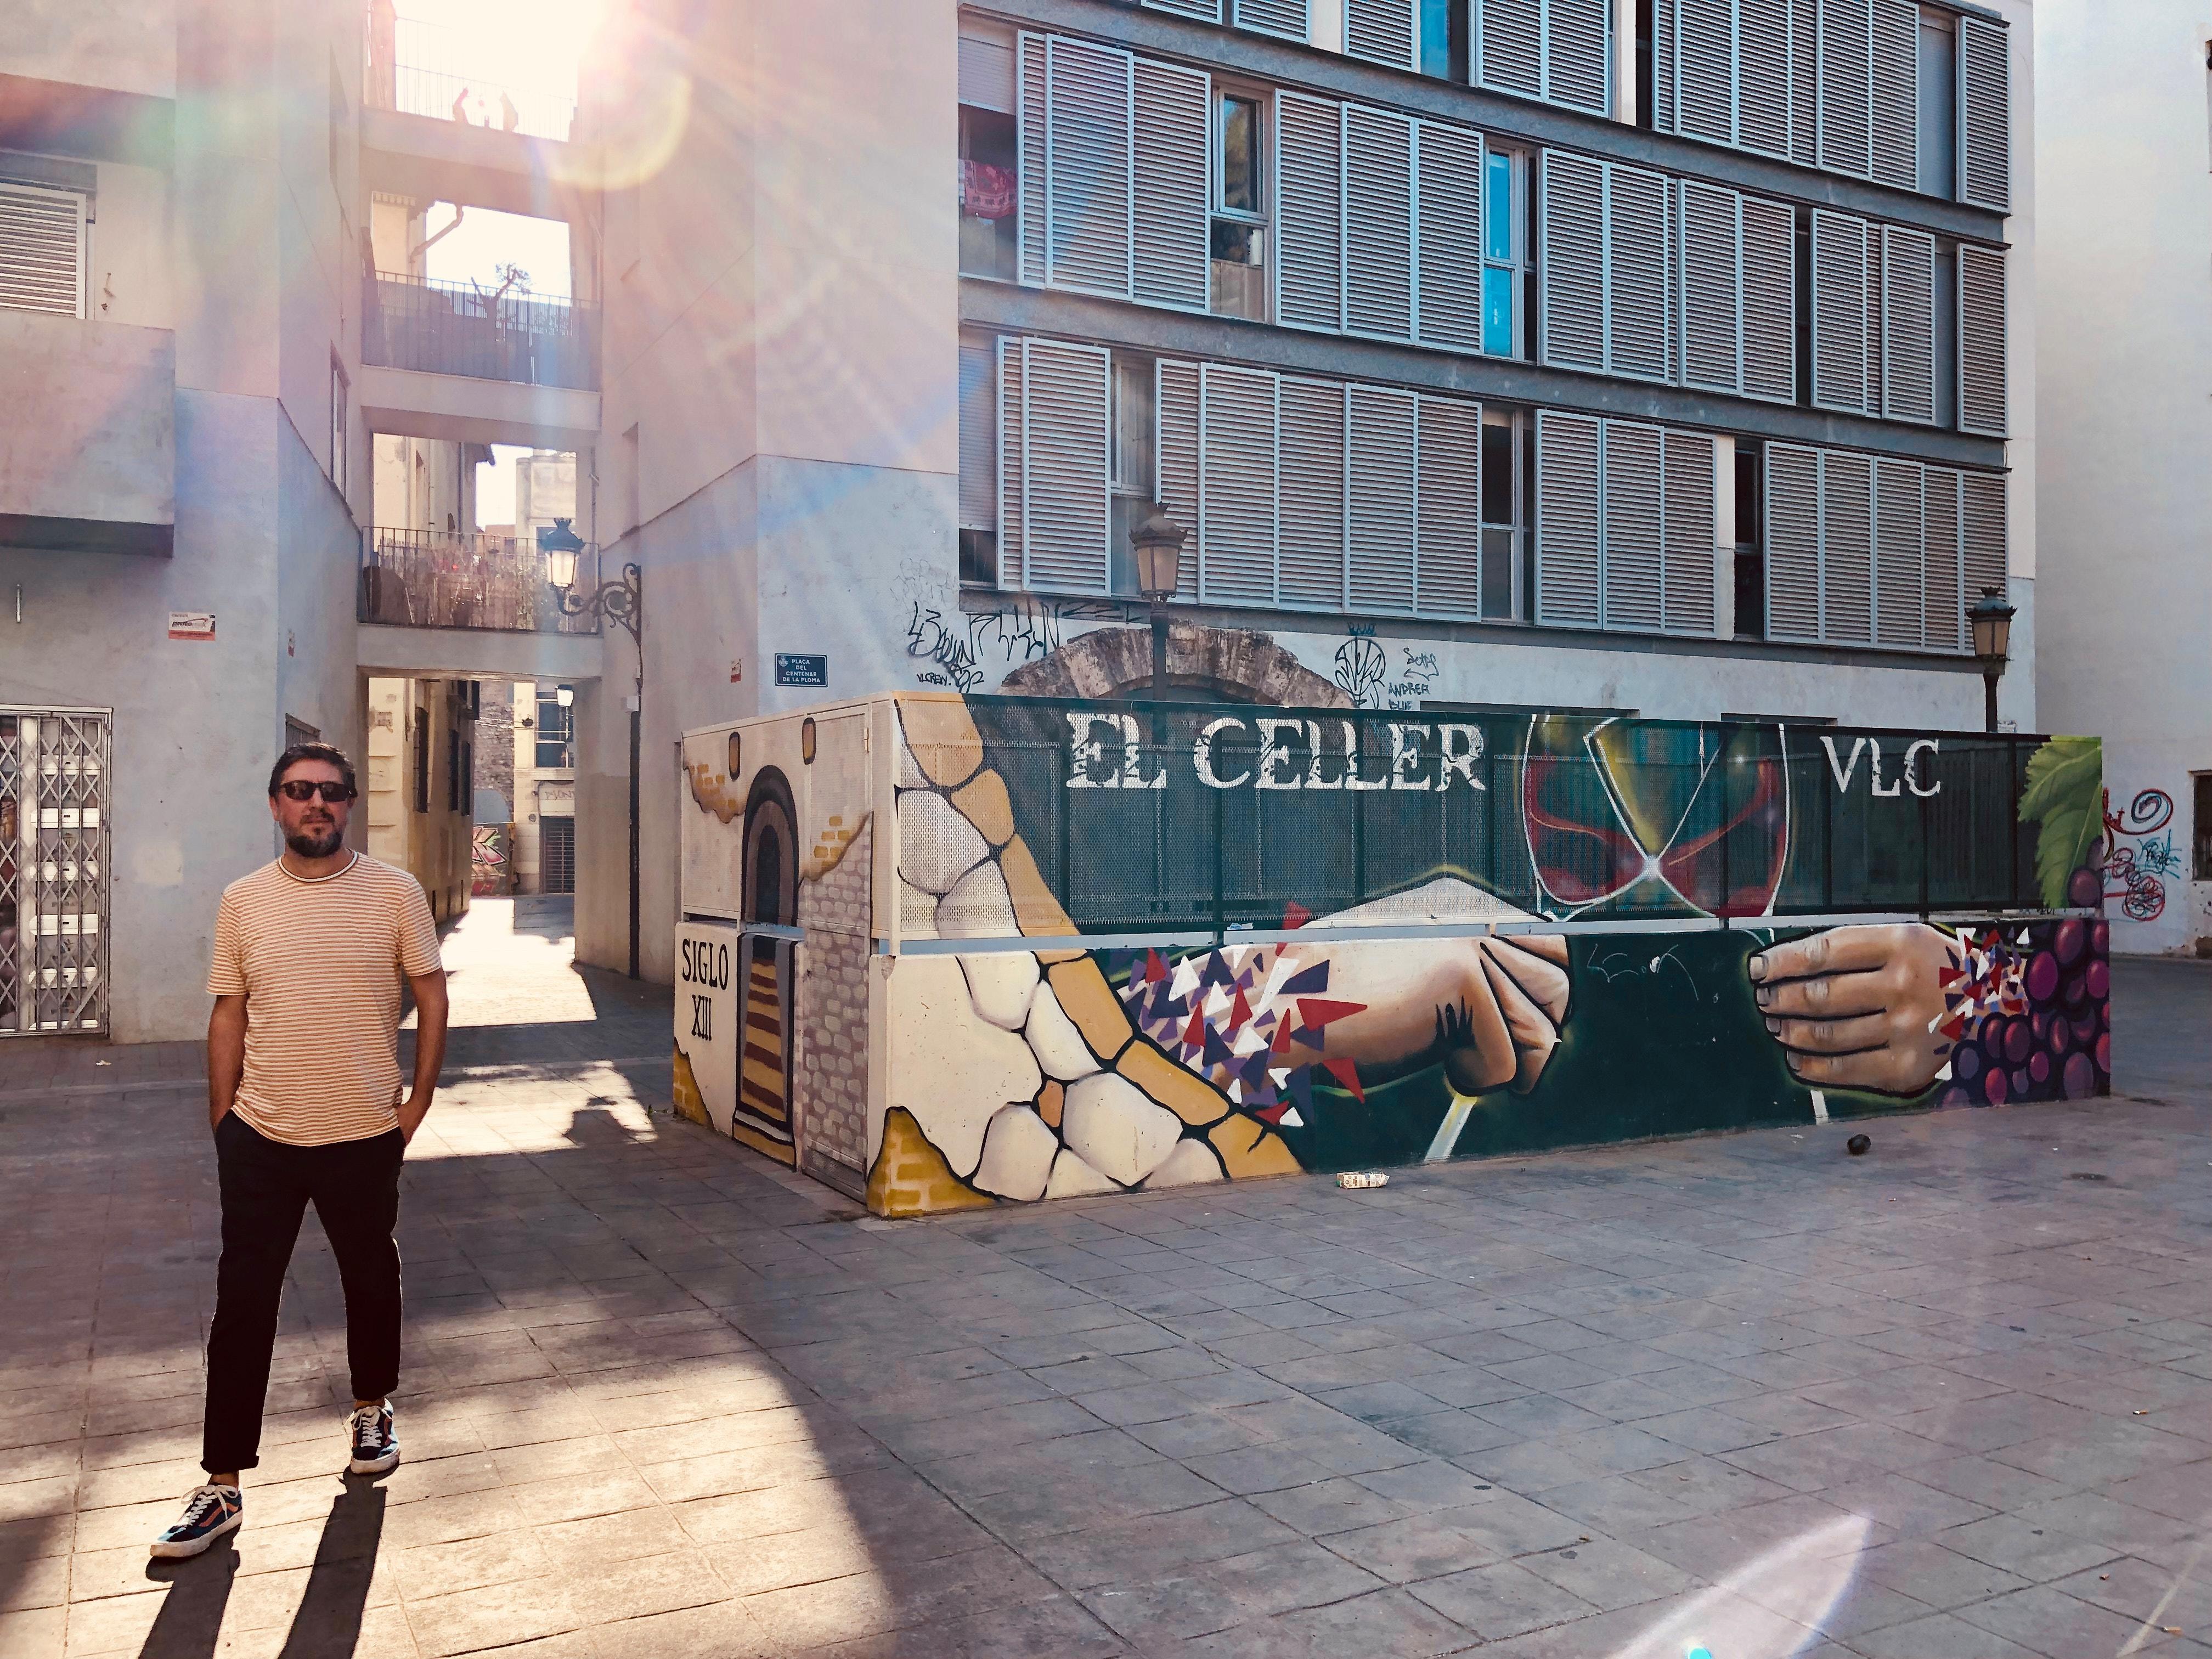 Valencia0253